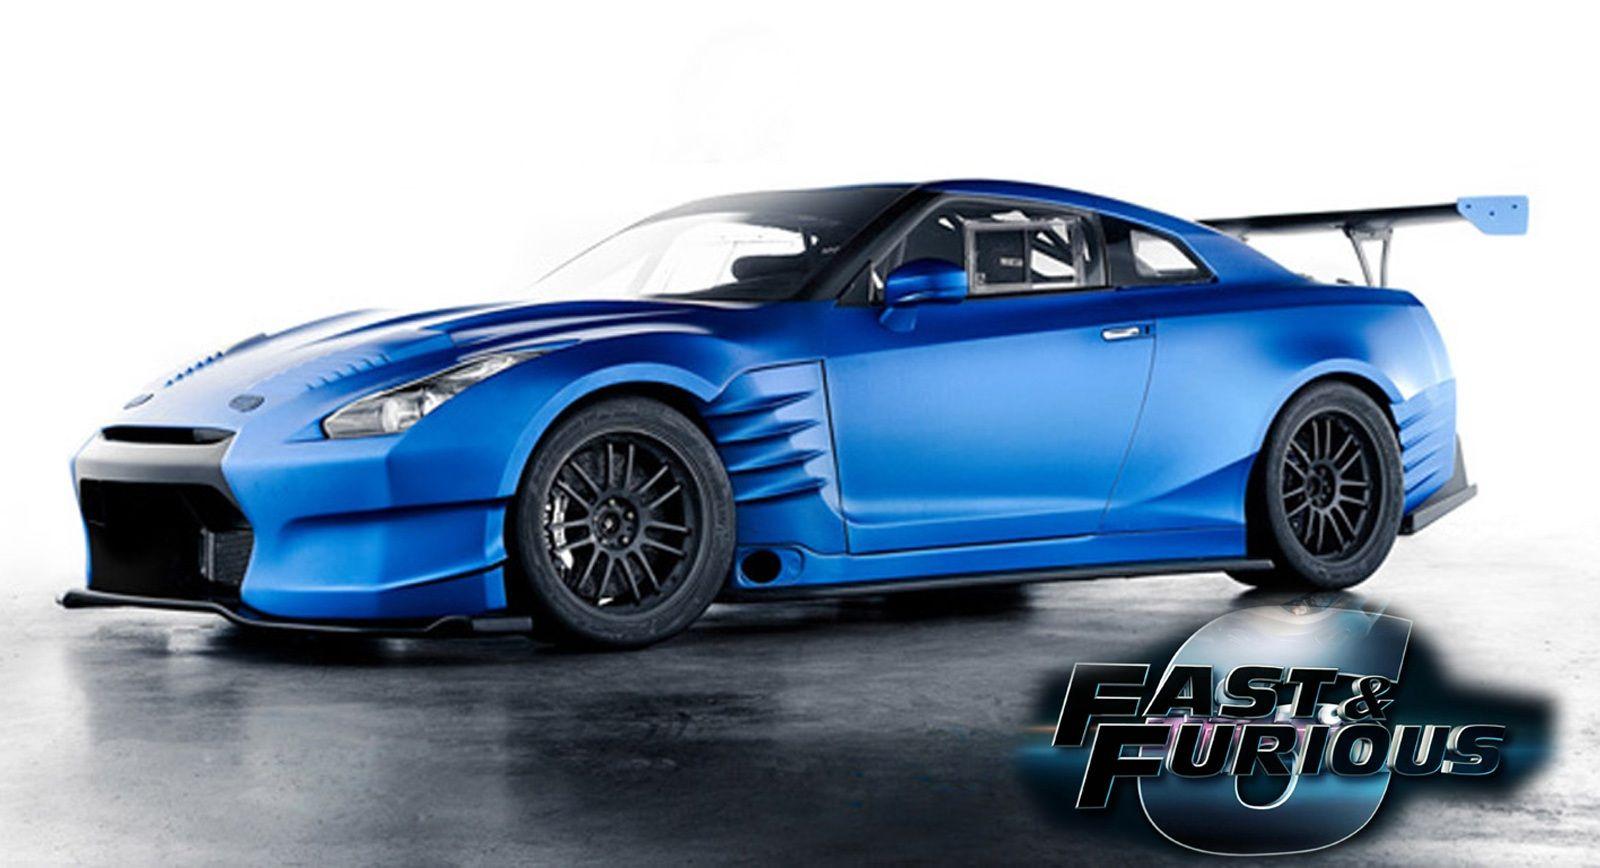 Fast & Furious 6 widescreen for desktop